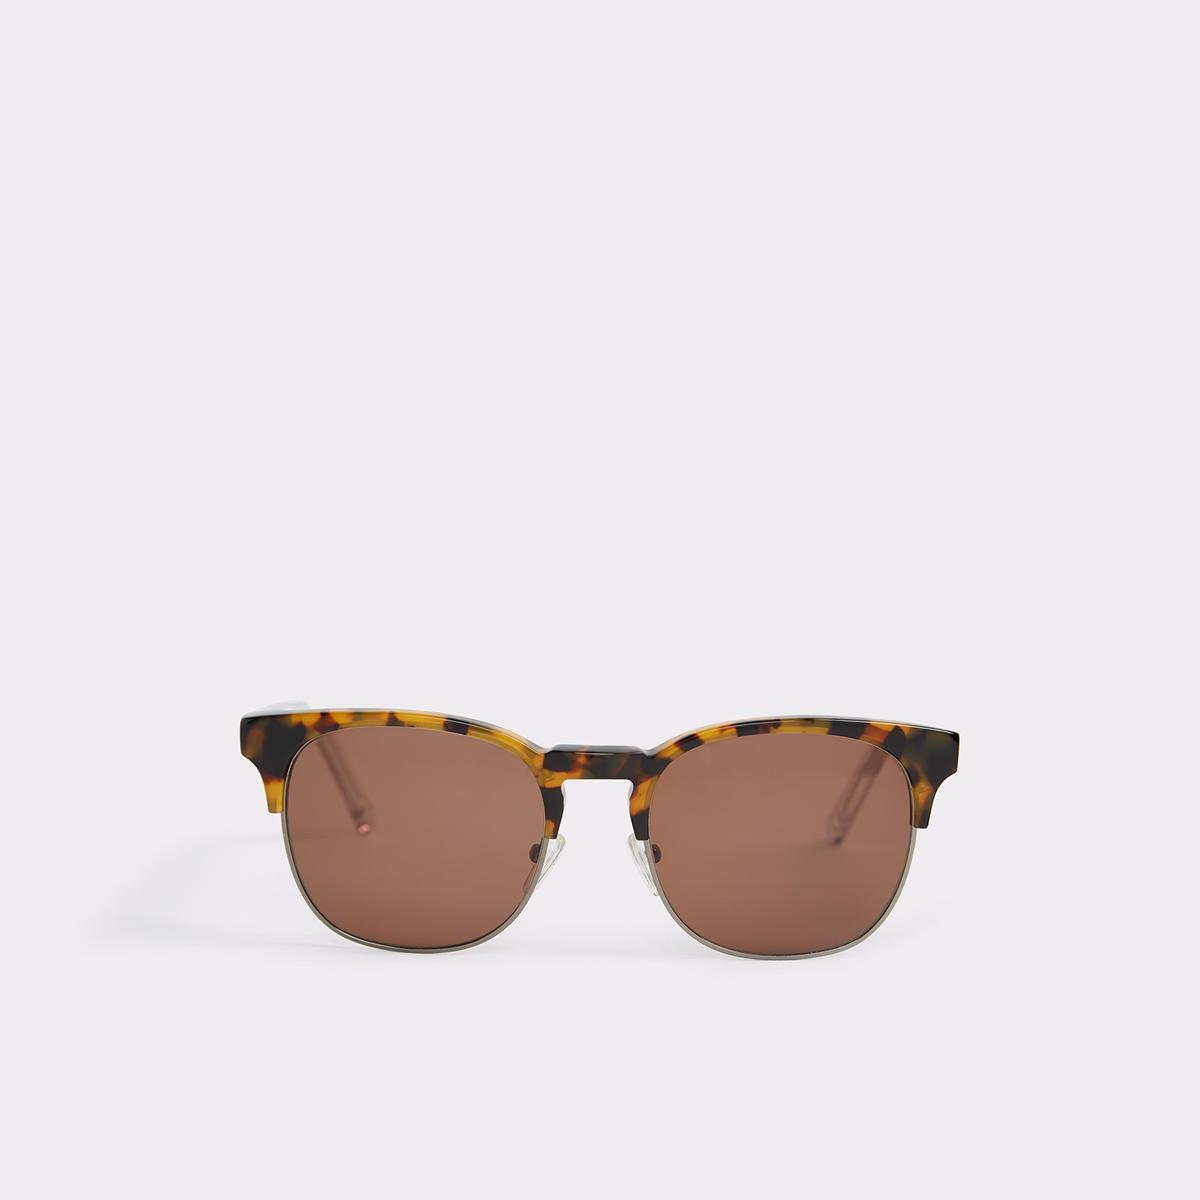 Adrilini Brown Men's Signature sunglasses | ALDO US at Aldo Shoes in Victor, NY | Tuggl